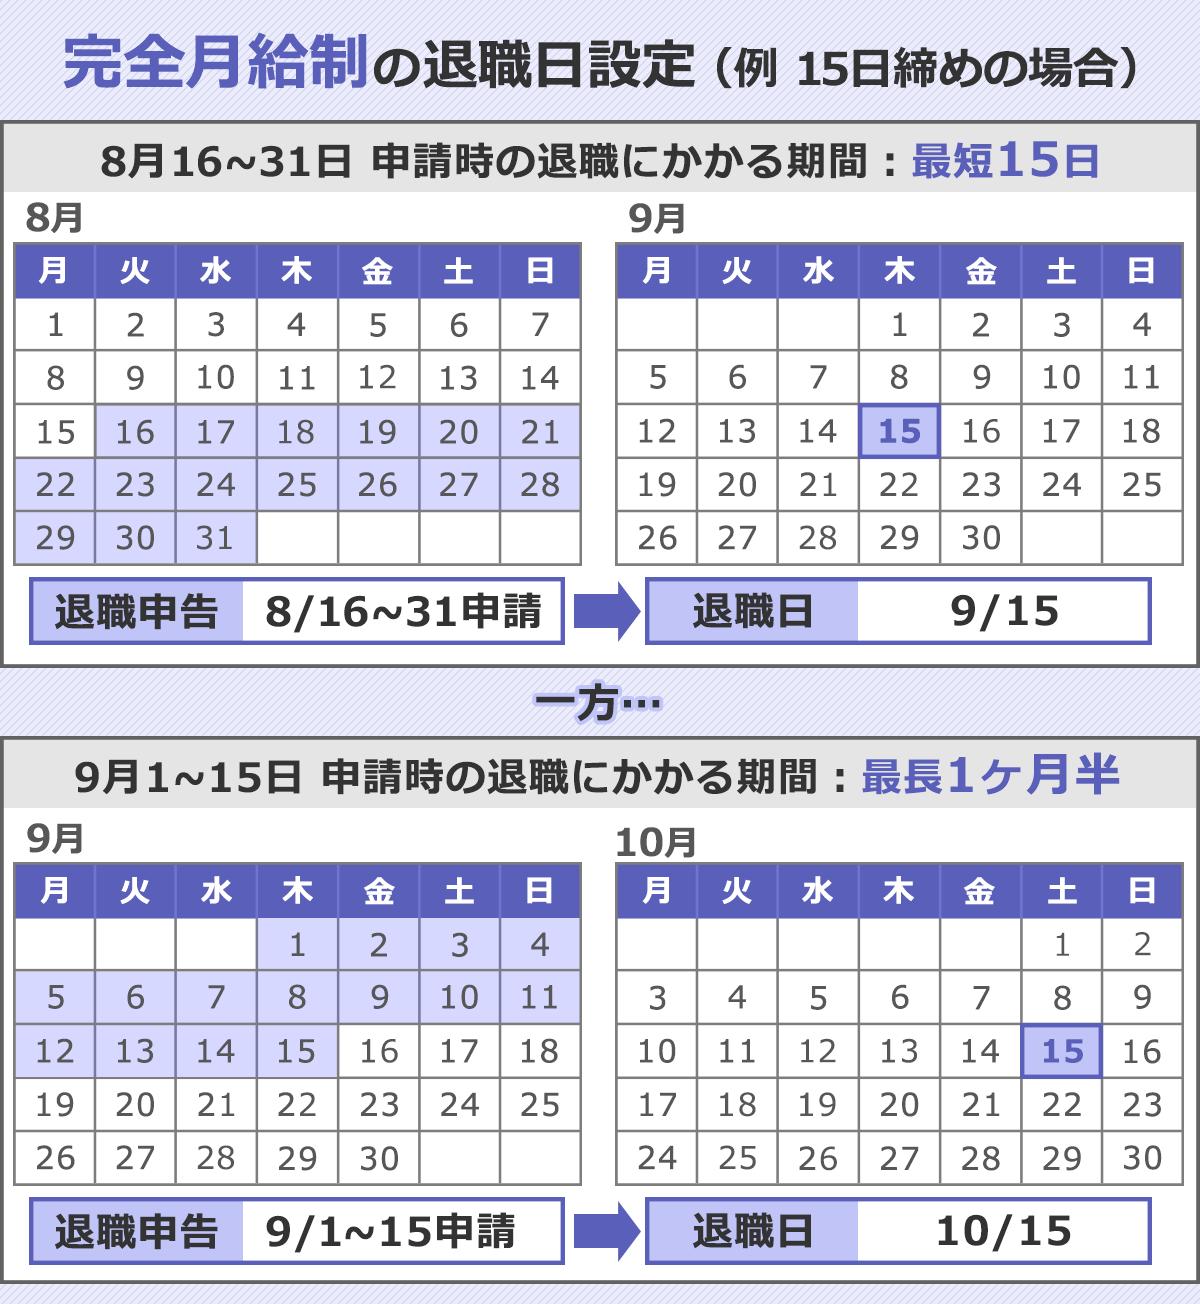 完全月給制の場合(15日締め)の例の図。当期の前半であれば最短15日で退職できるが、当期の後半だと最長1ヶ月半を要することを表した図